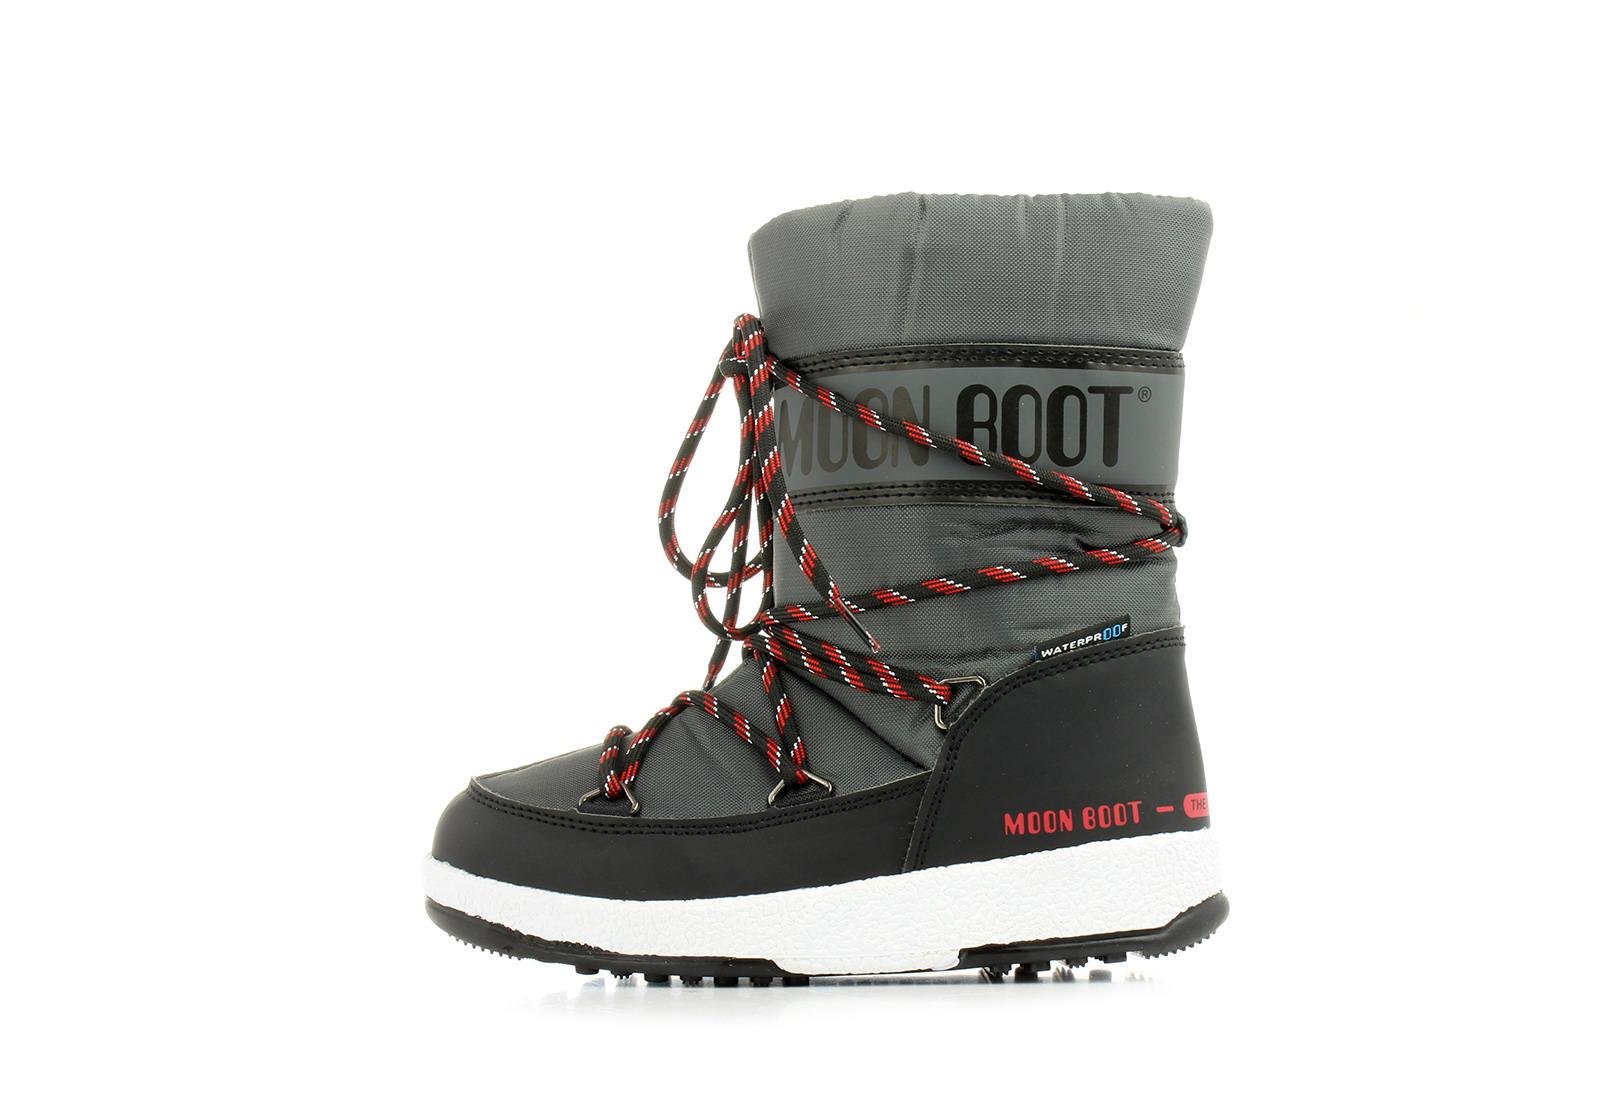 0e669a831a5 Moon Boot Vysoké Boty - Sport Wp - 34051300-005Tenisky